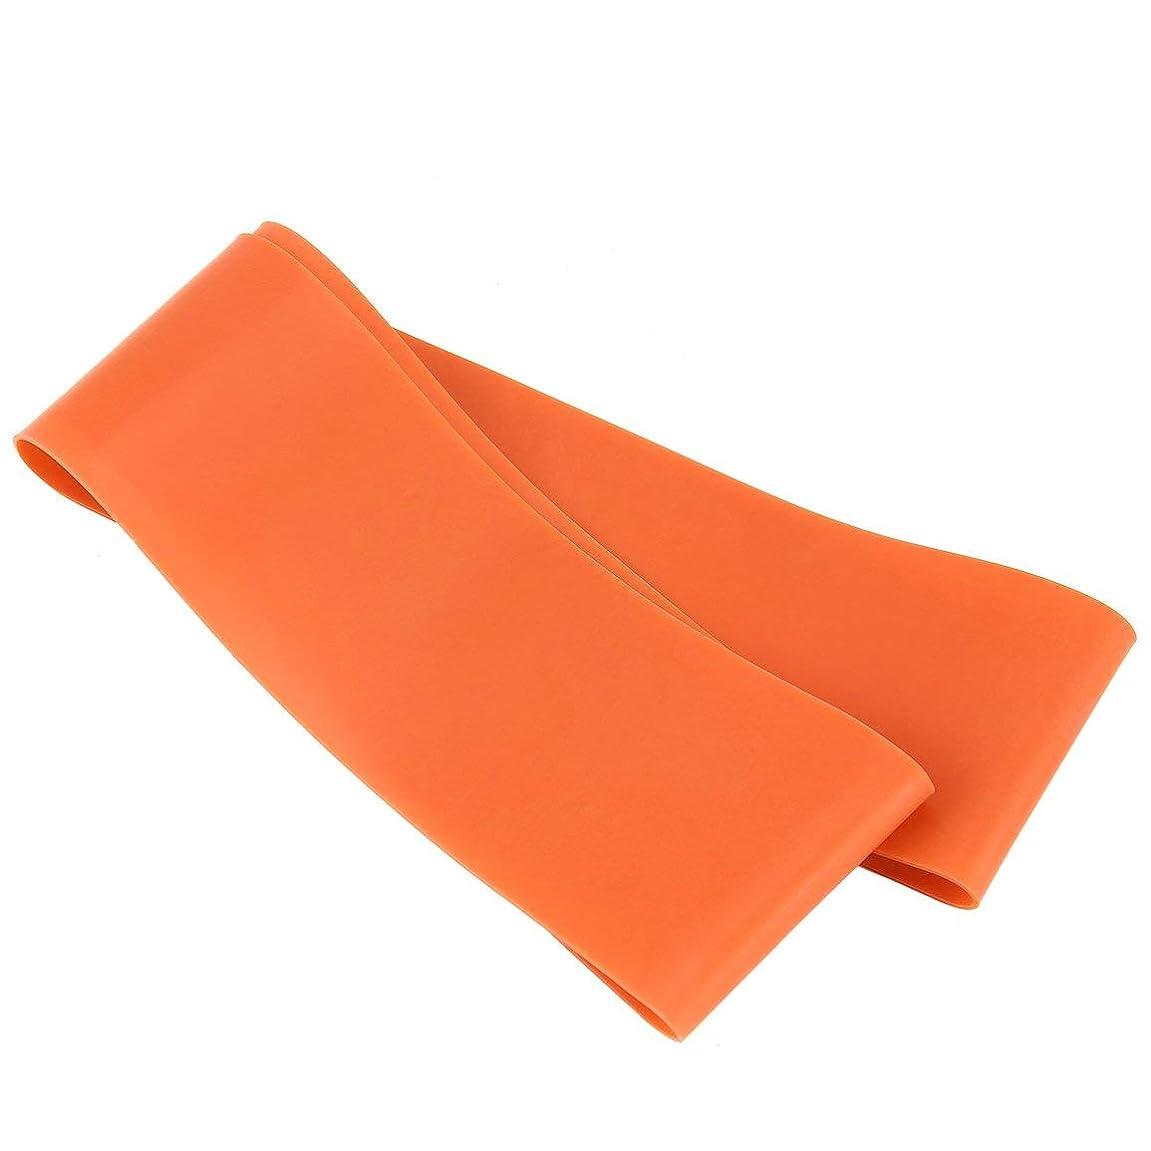 診療所メンター矩形滑り止めの伸縮性のあるゴム製伸縮性がある伸縮性があるヨガベルトバンド引きロープの張力抵抗バンドループ強度のためのフィットネスヨガツール - オレンジ